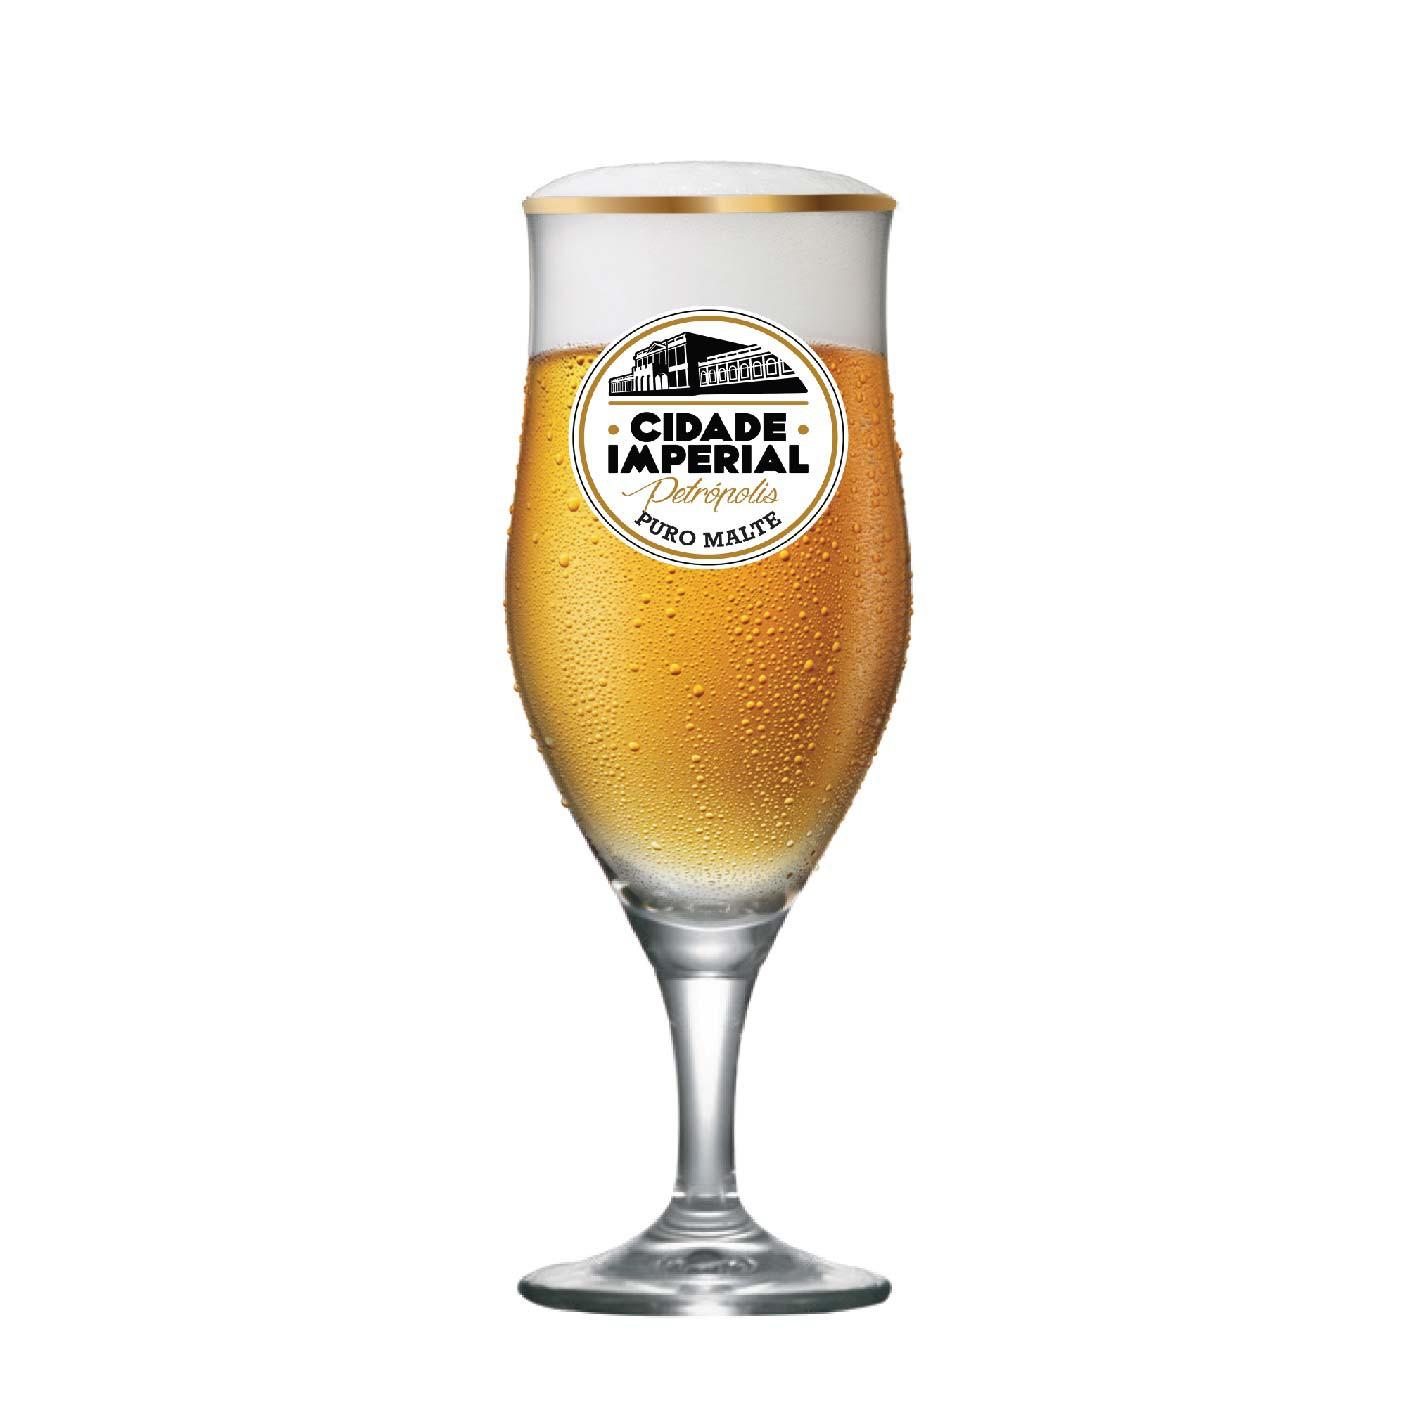 Taça de Cerveja Lubzer Cidade Imperial Cristal 260ml